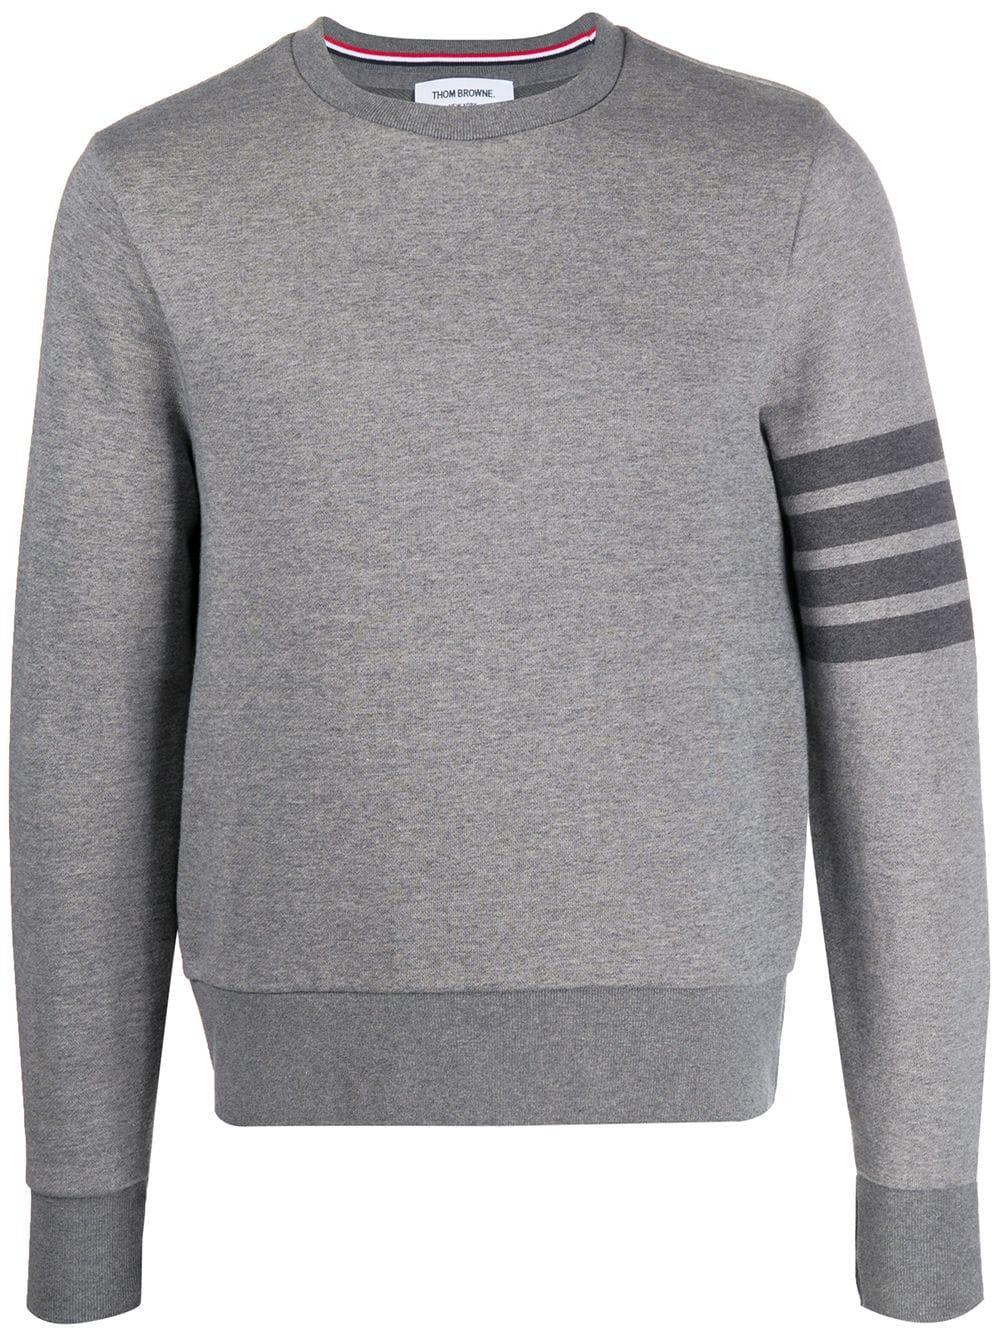 Thom Browne Sweatshirt mit rundem Ausschnitt - Grau